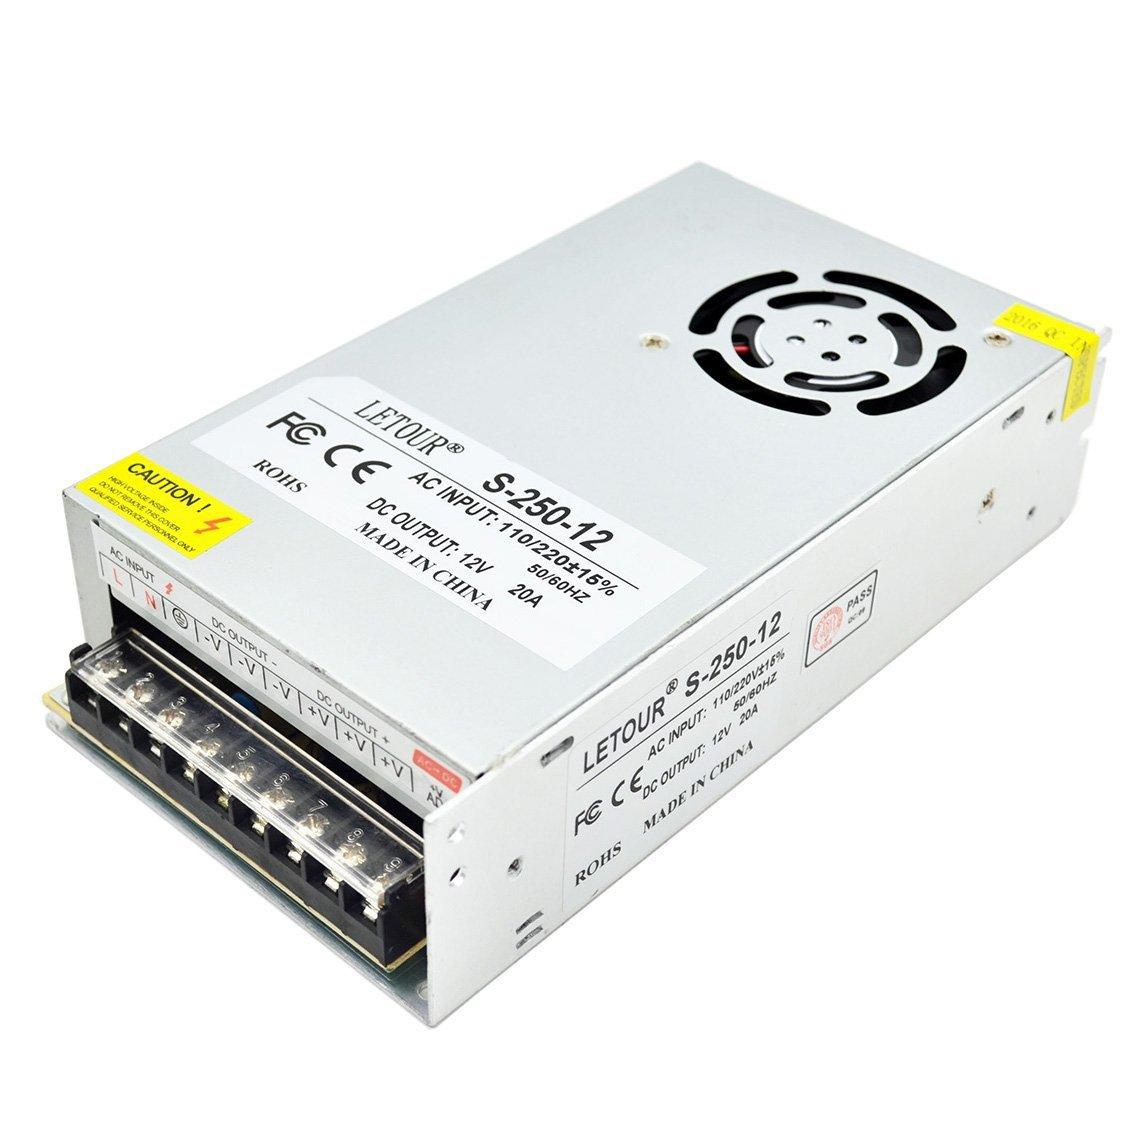 LETOUR DC 12V Power Supply 20A 250W AC 110V/220V Converter DC 12Volt 20Amp 250Watts Adapter LED Power Supply for LED Lighting,LED Strip,CCTV